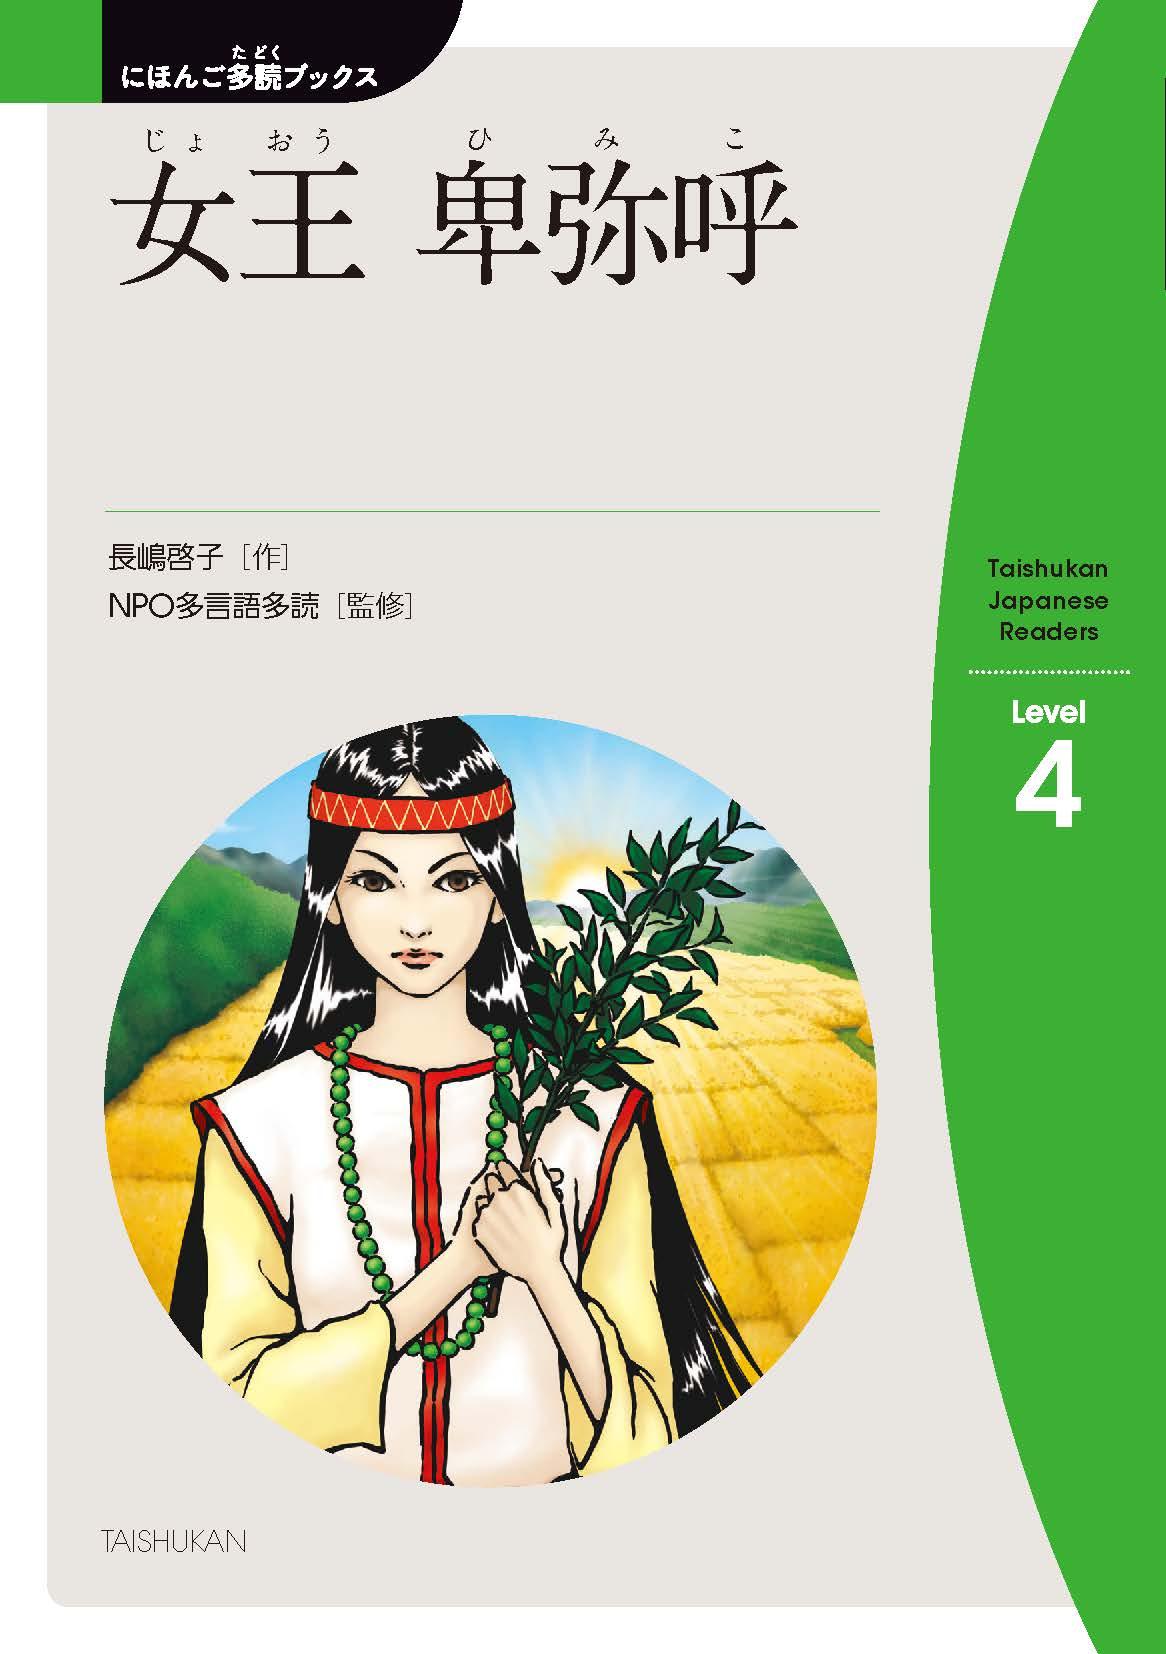 vol.4-2 女王(じょおう) 卑弥呼(ひみこ)  Queen Himiko